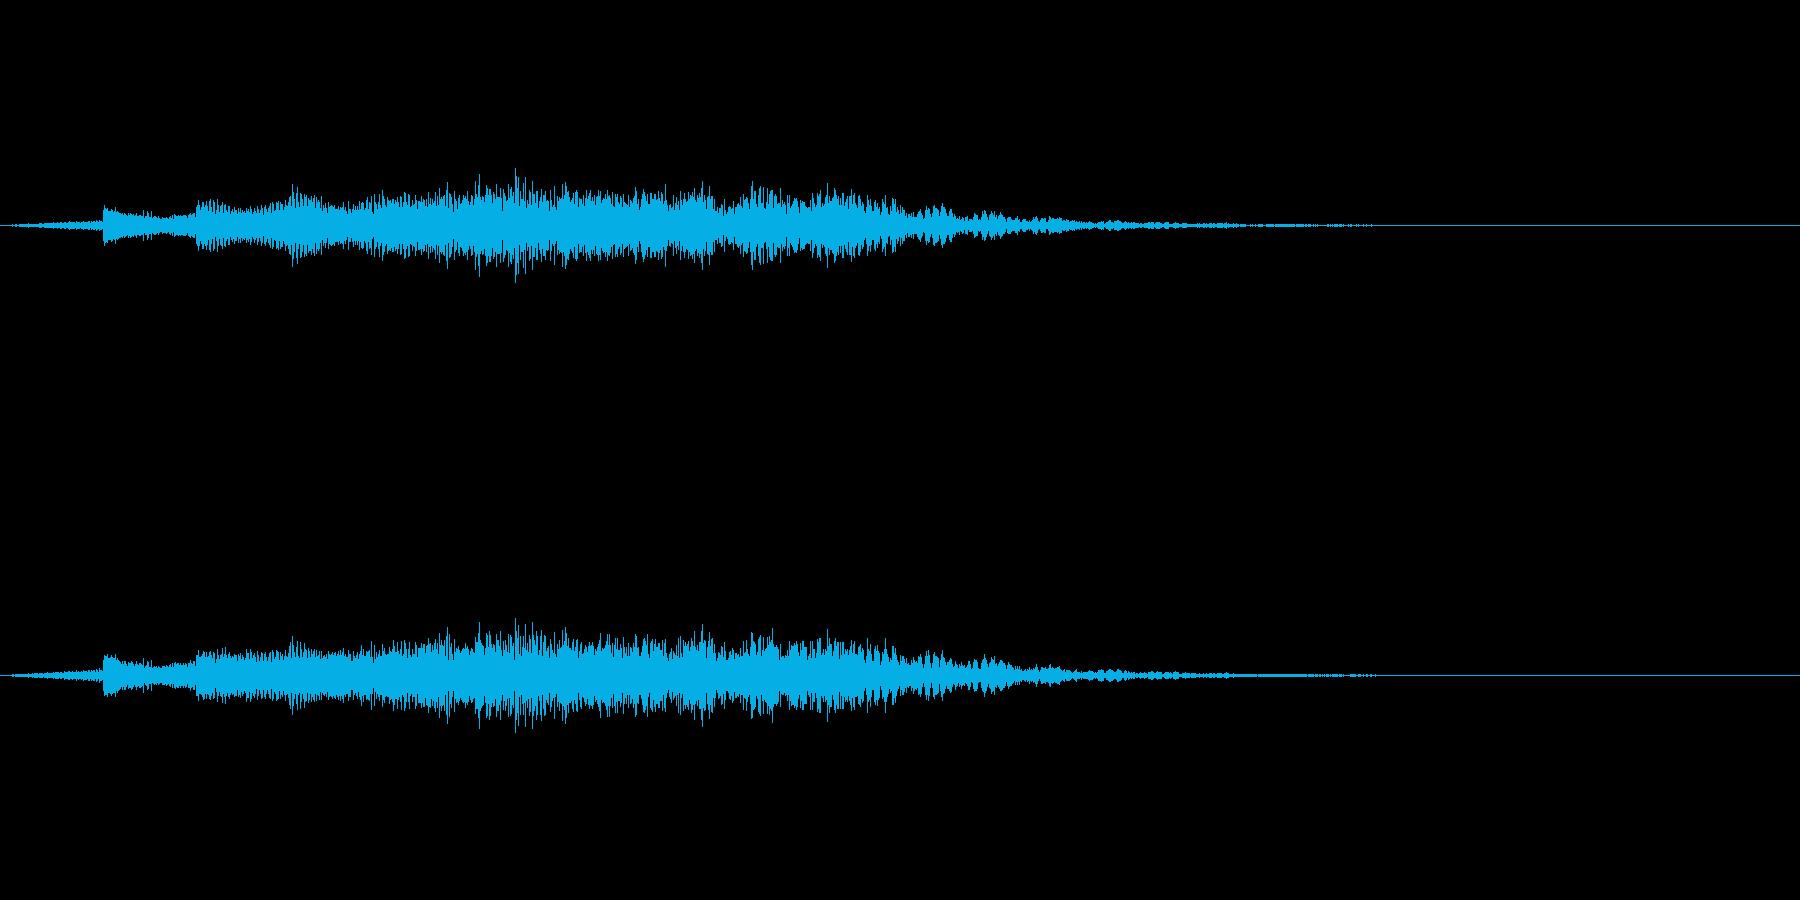 教則ビデオ風タイトル音の再生済みの波形